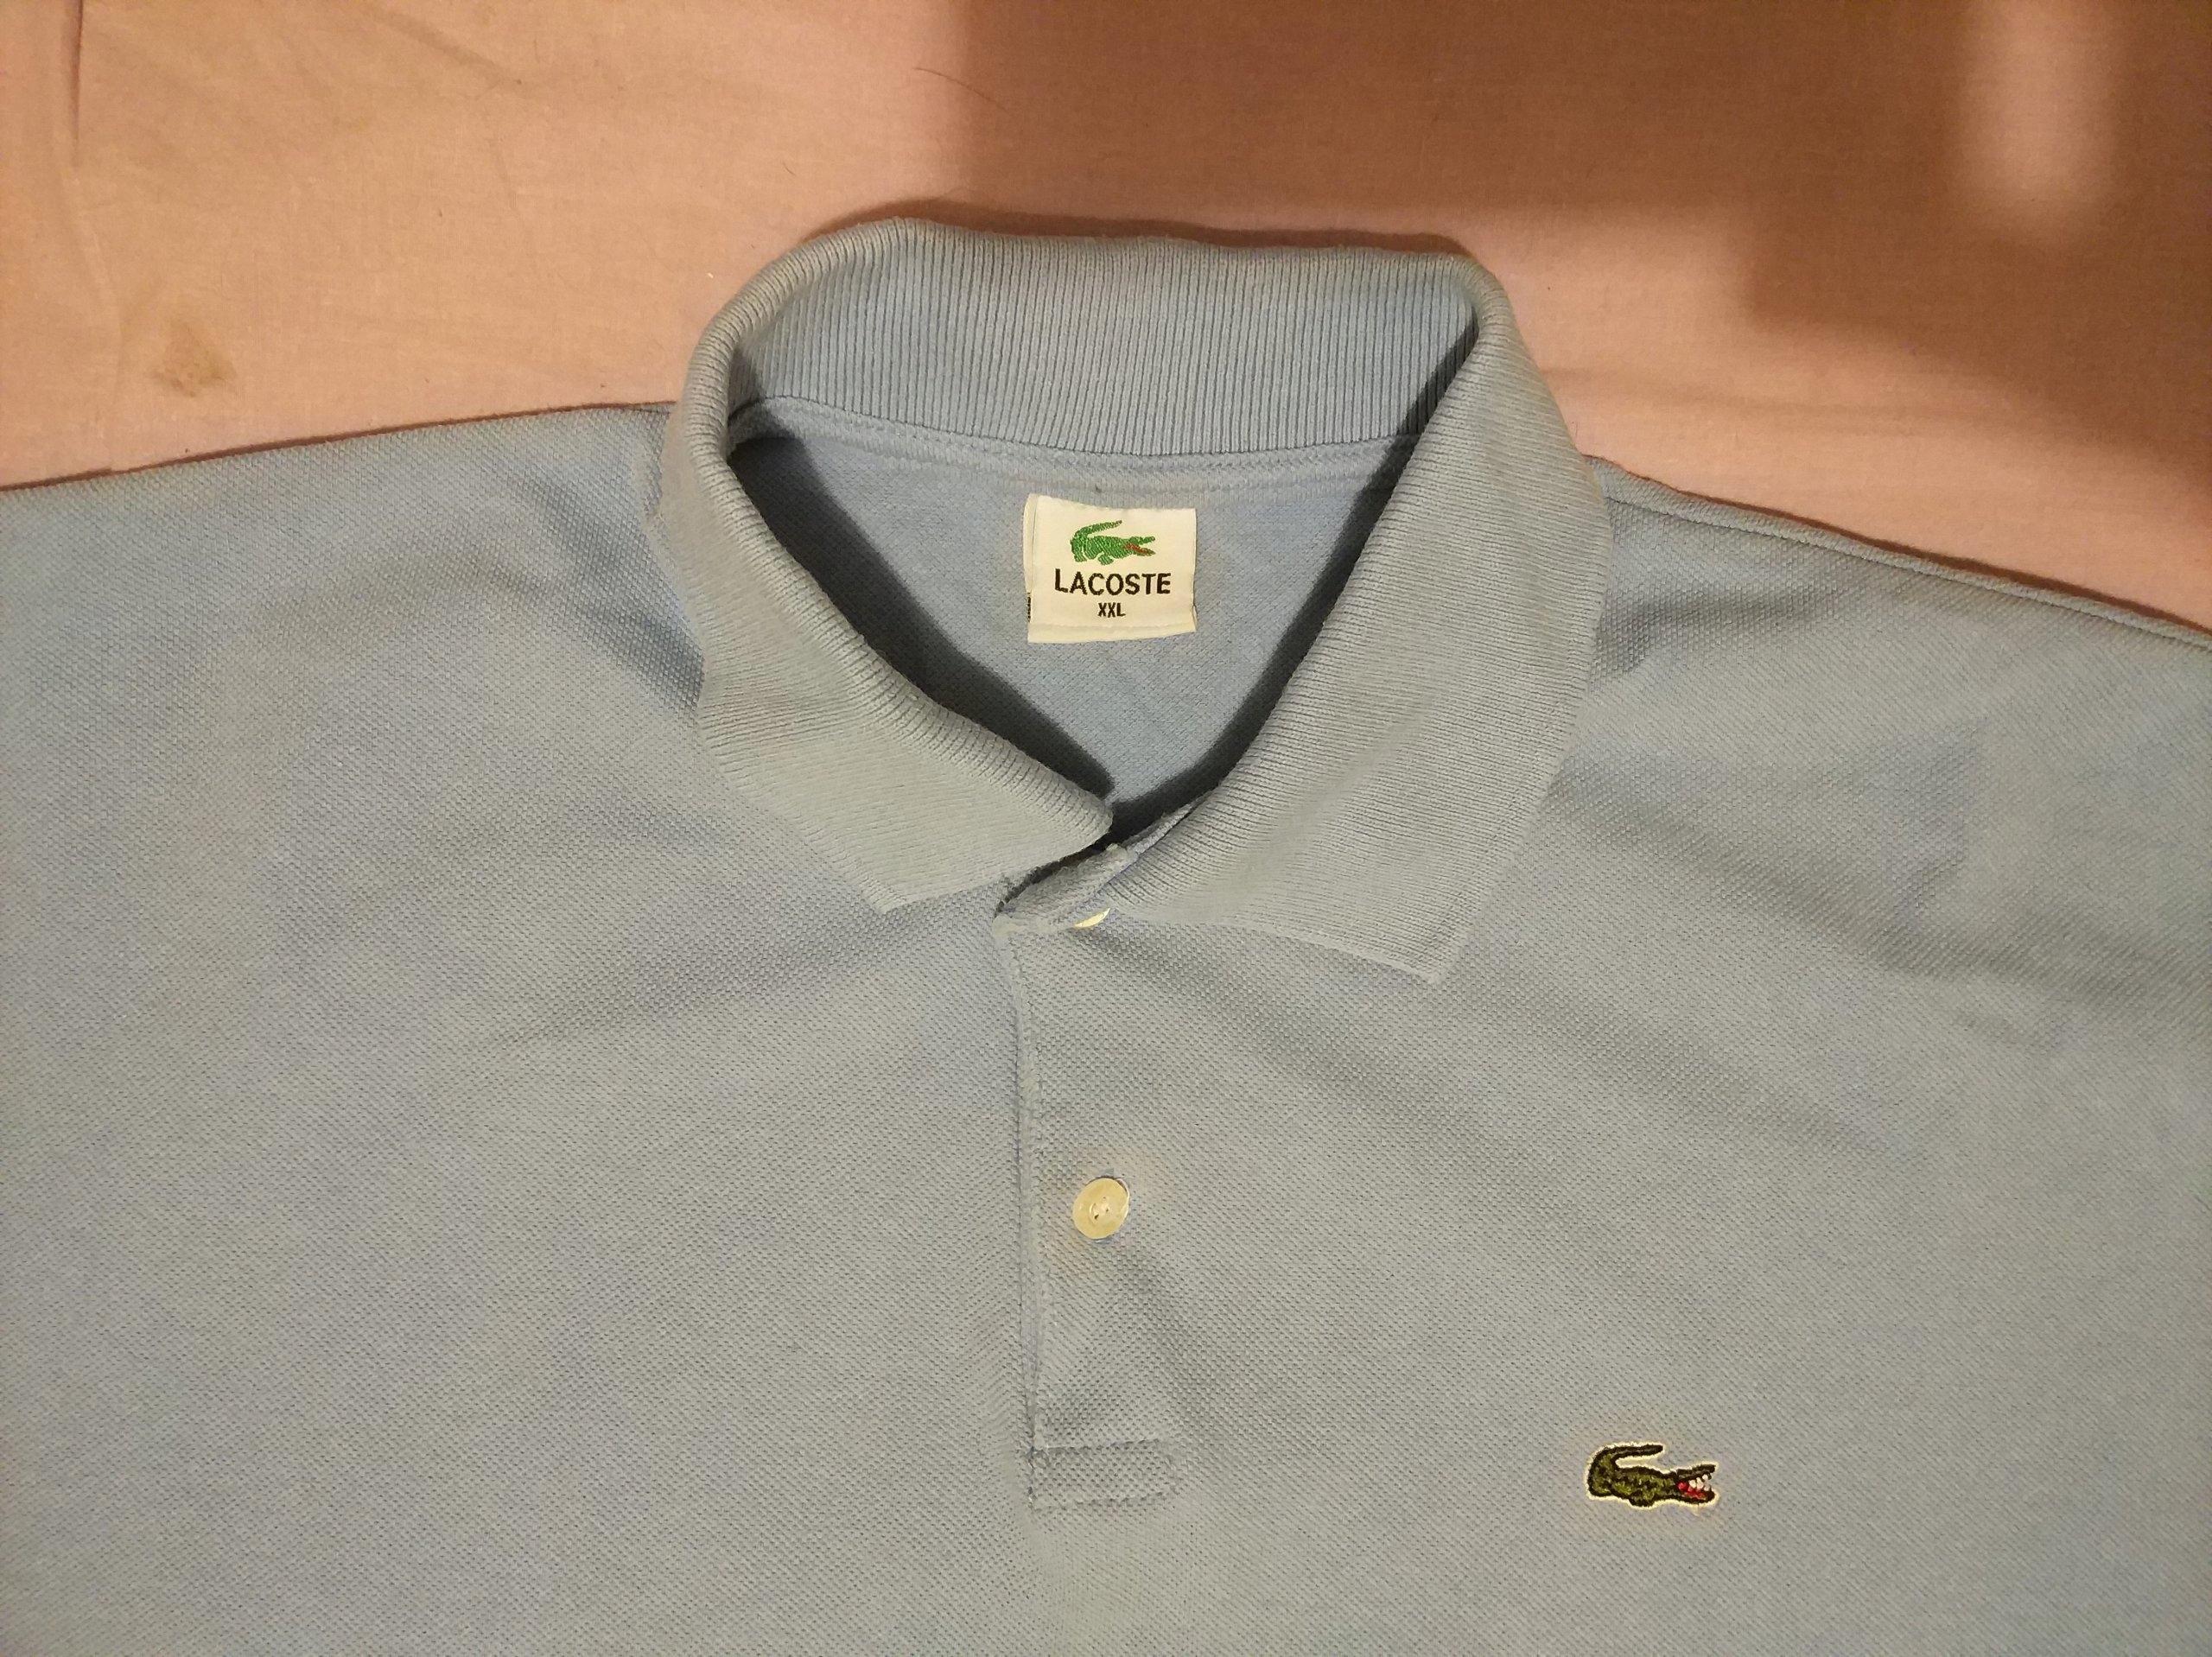 801888be9 Lacoste koszulka polo rozmiar XL/XXL - 7360468391 - oficjalne ...